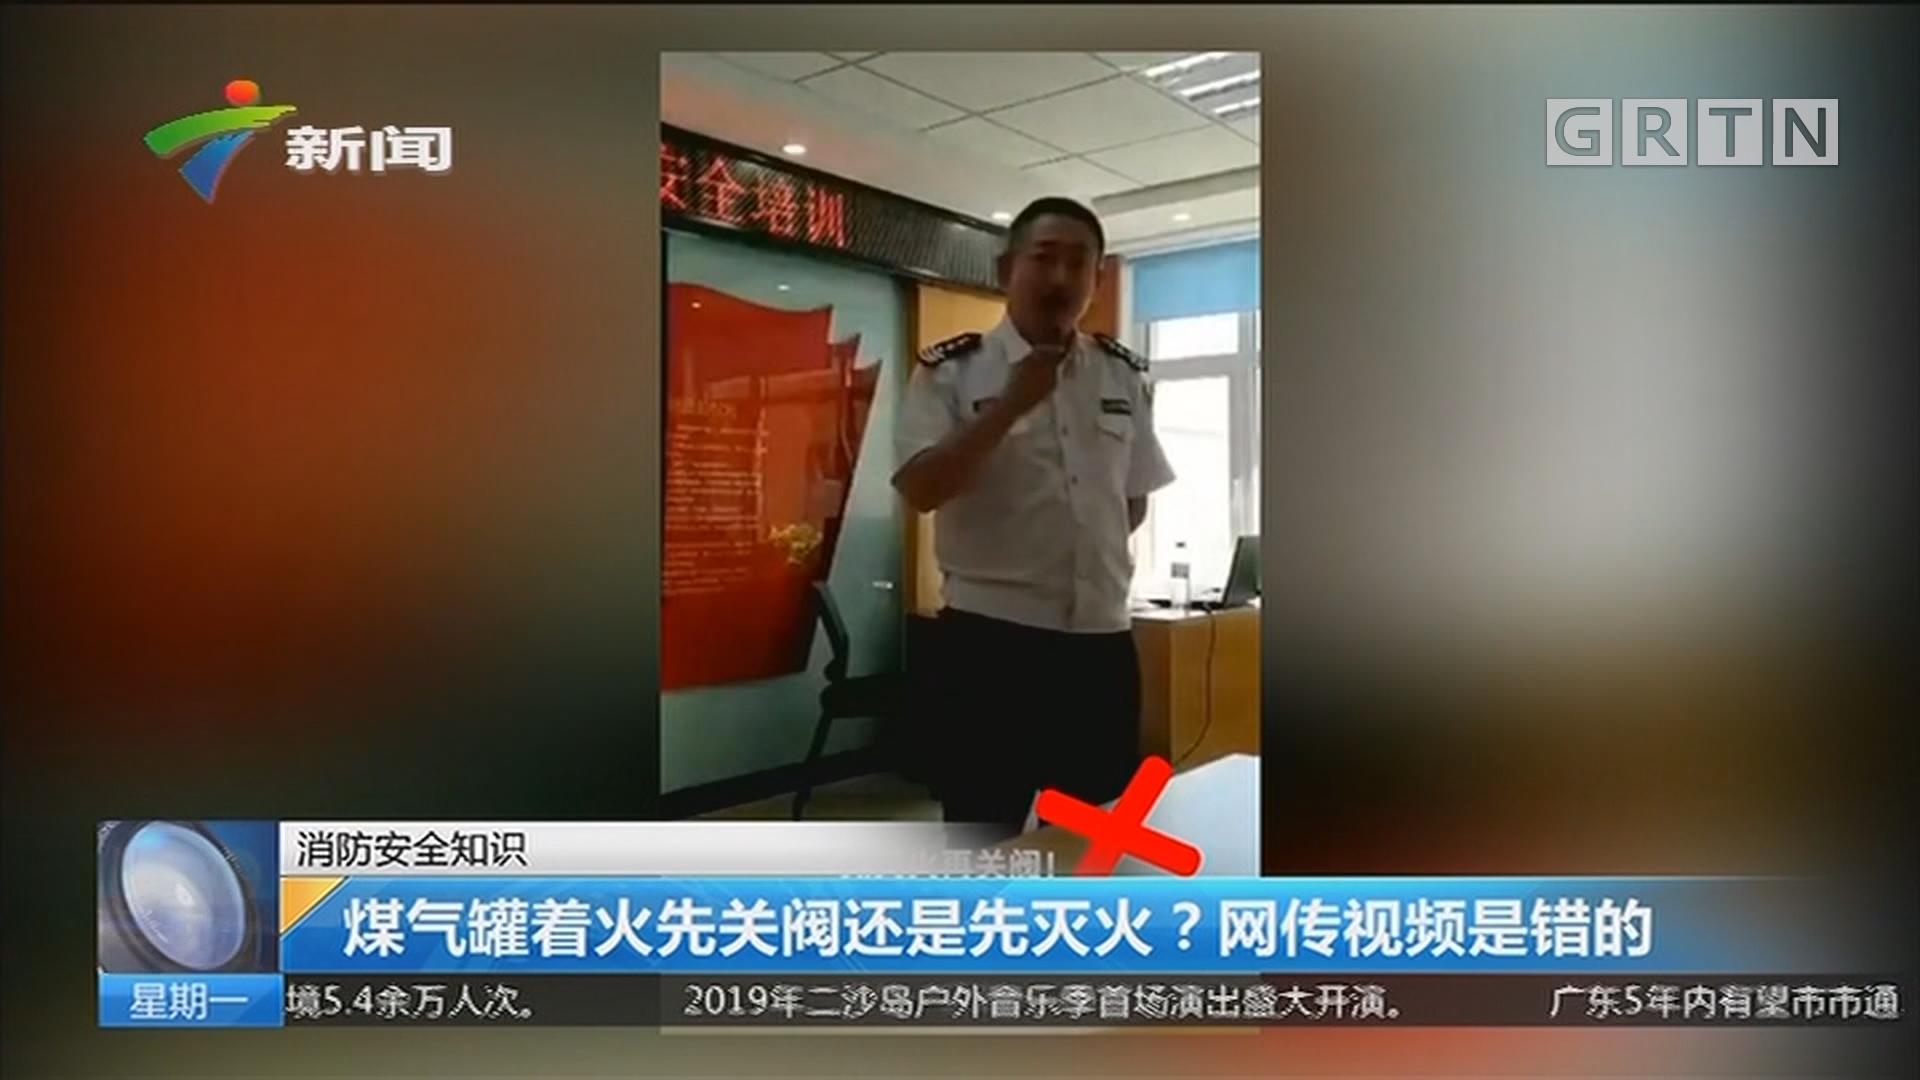 消防安全知识:煤气罐着火先关阀还是先灭火?网传视频是错的